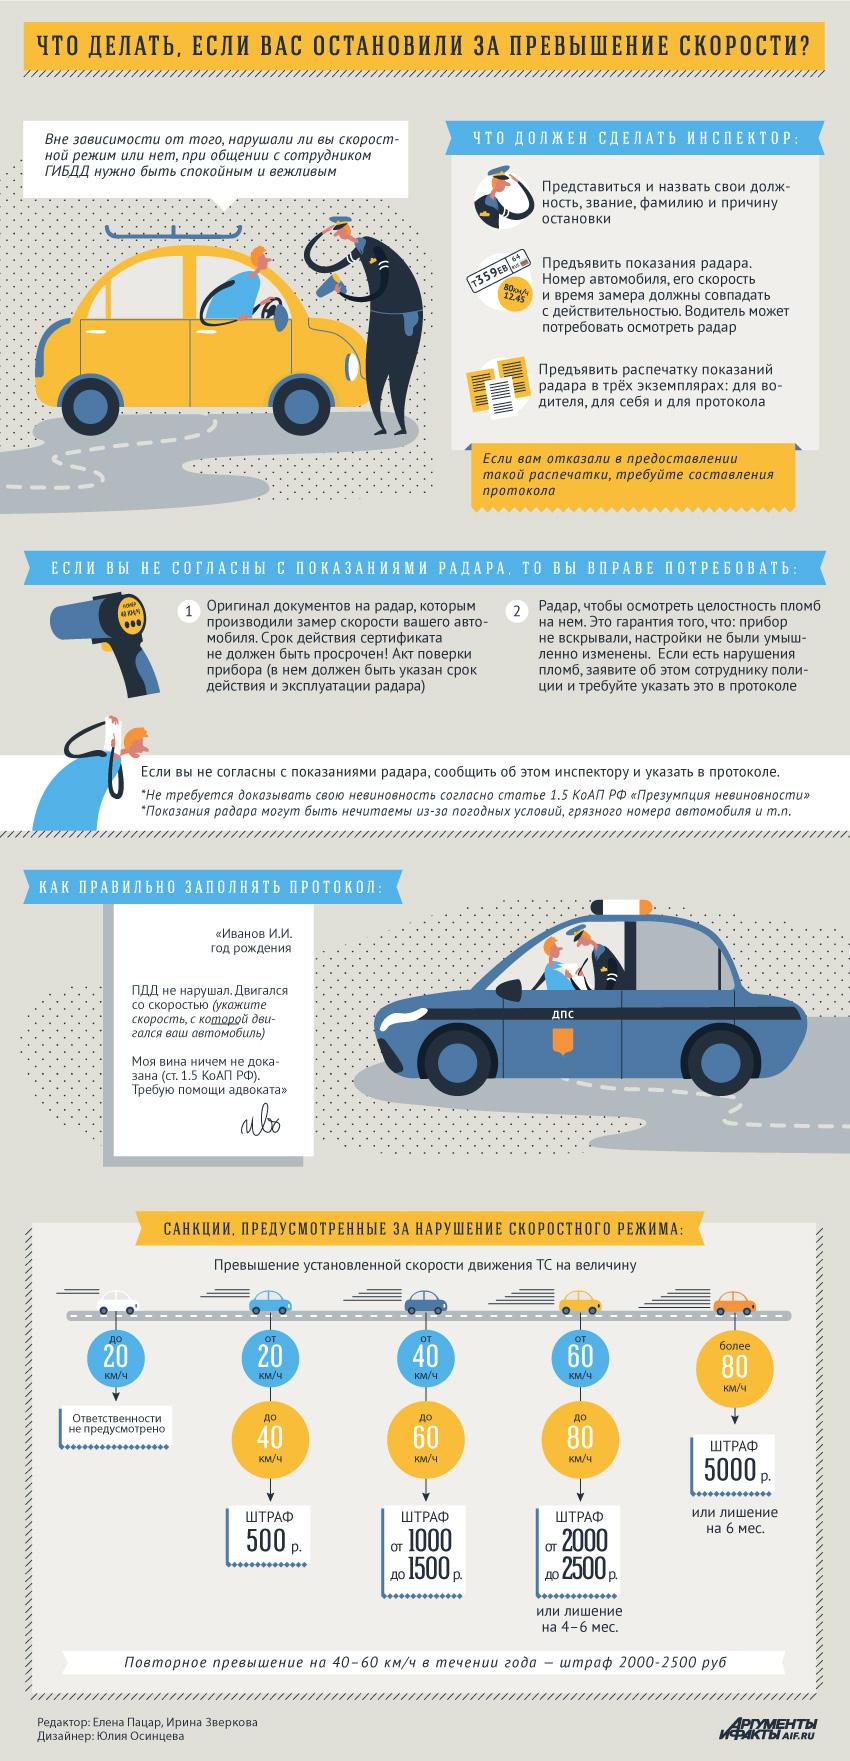 """""""Что нужно делать, если вас остановили за превышение скорости"""" от aif.ru"""